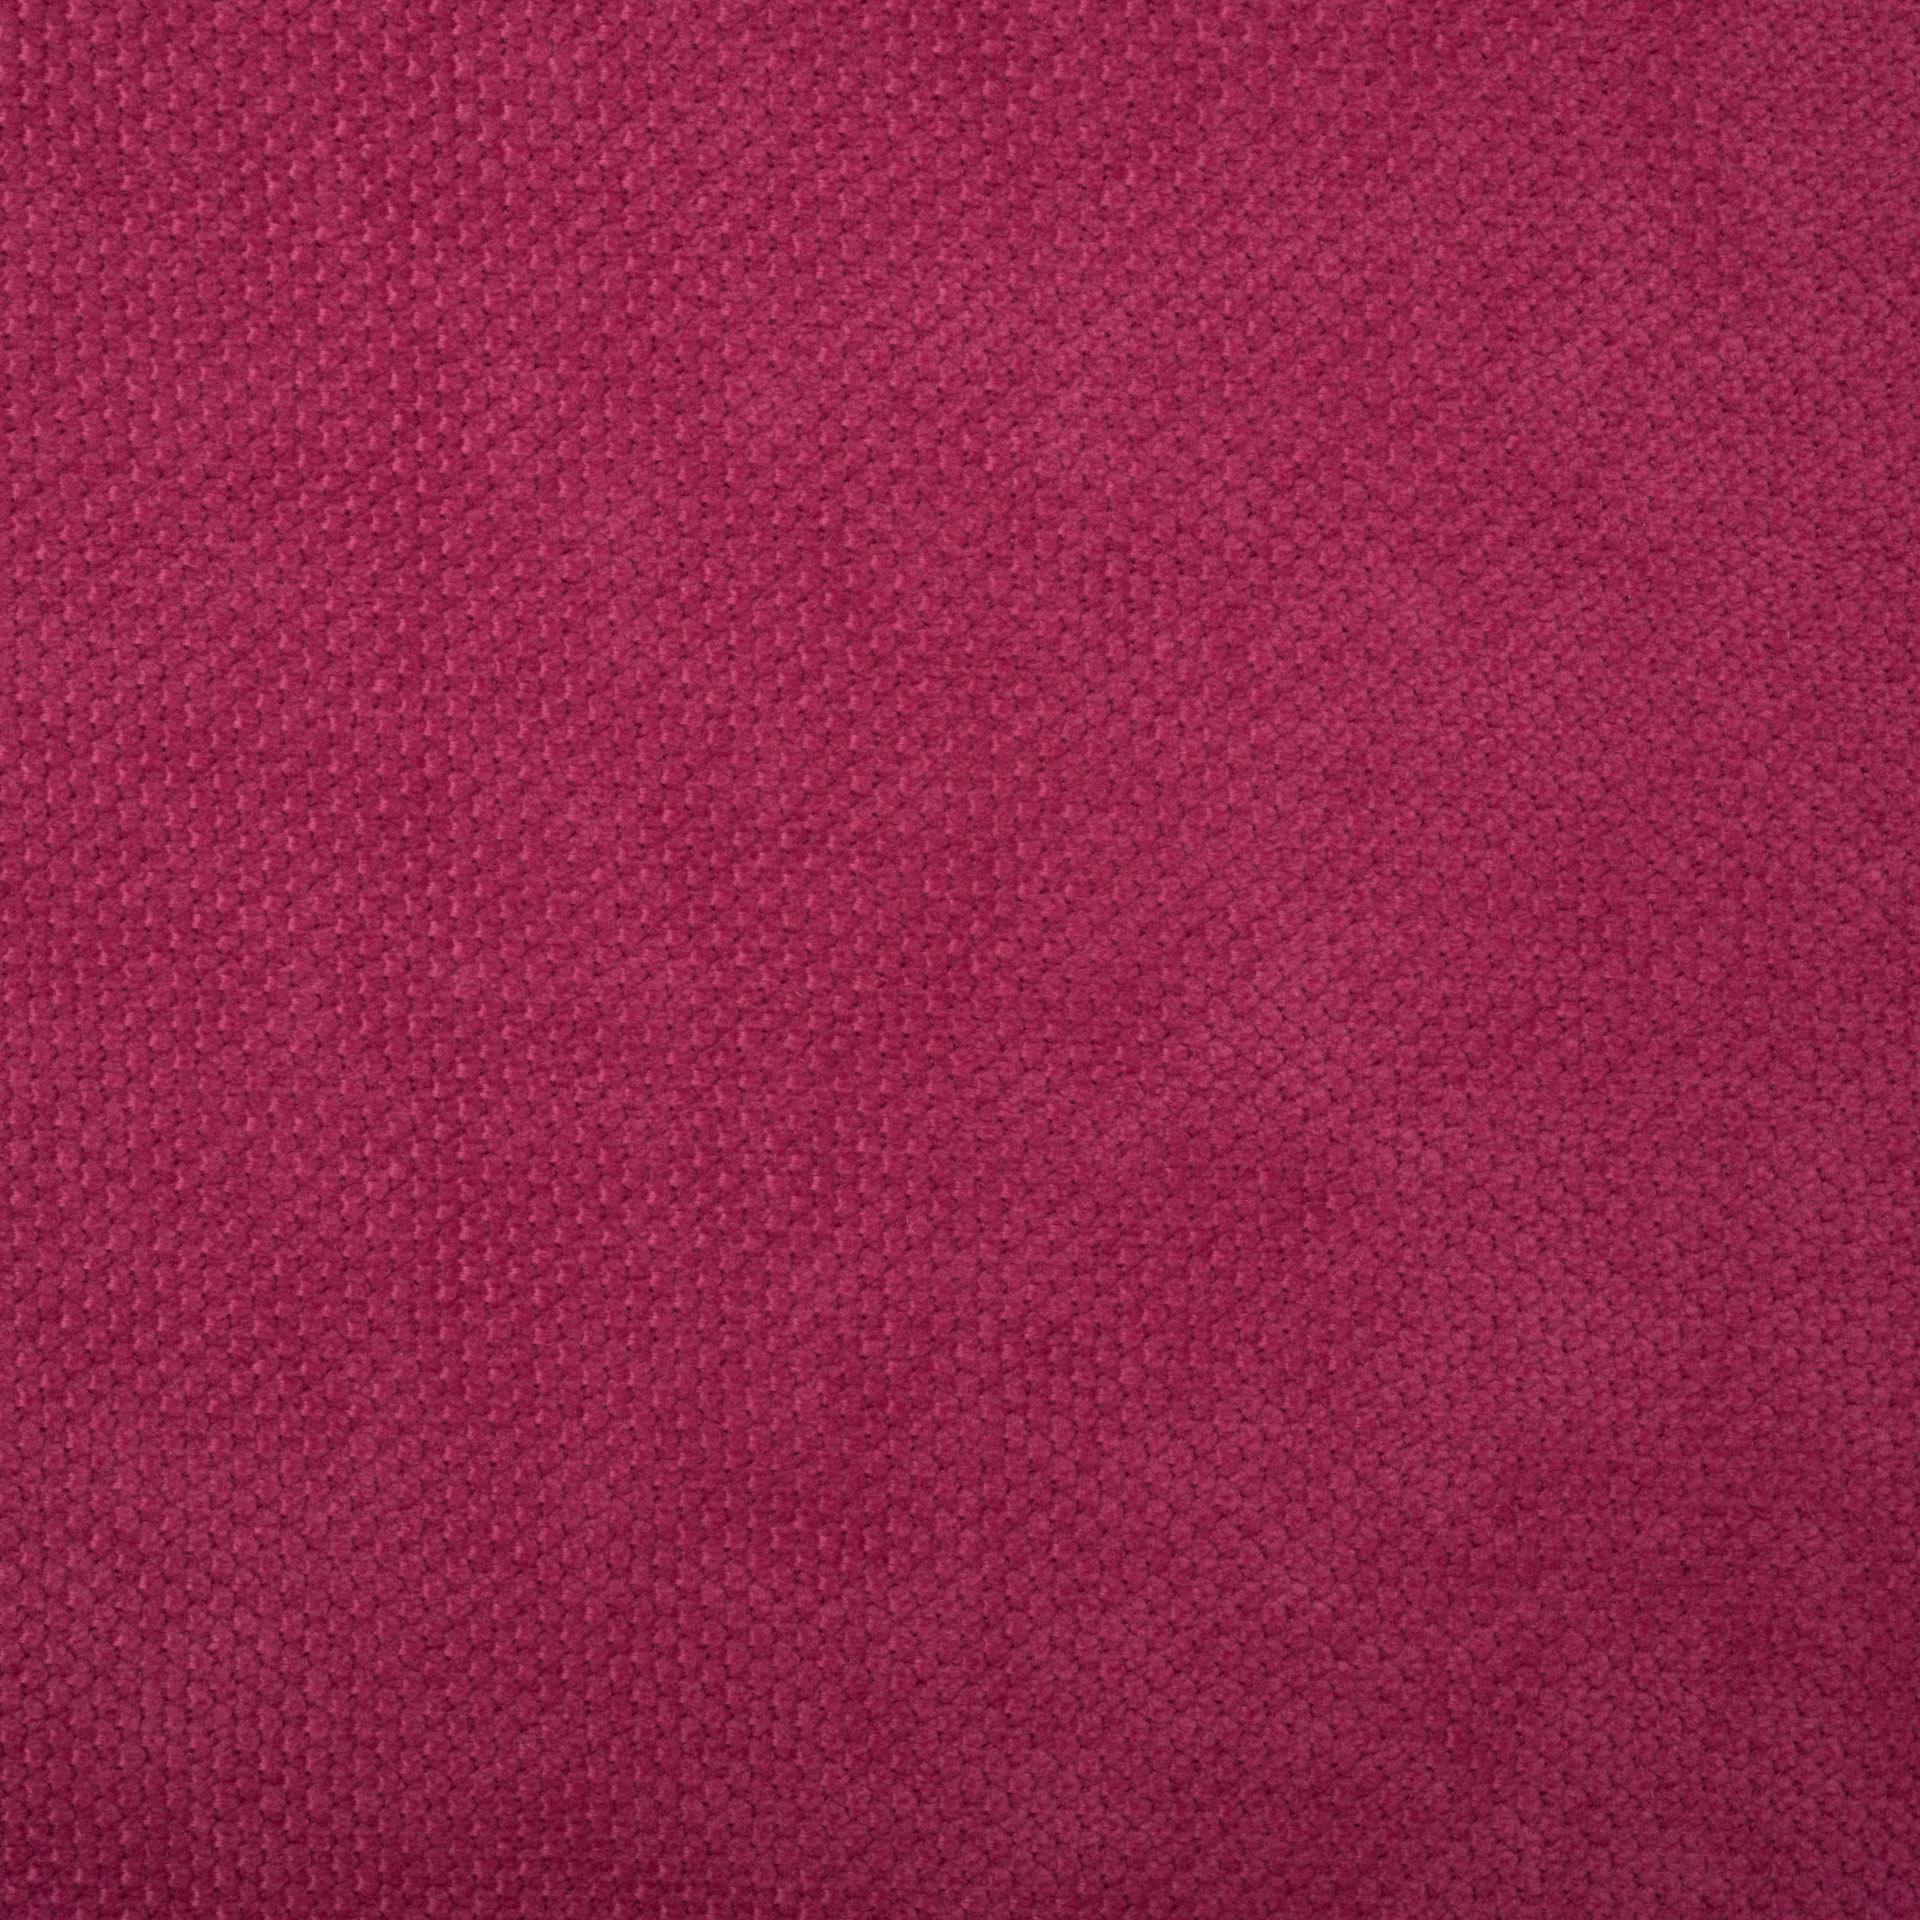 Коллекция ткани Дели 10 PINK,  купить ткань Жаккард для мебели Украина